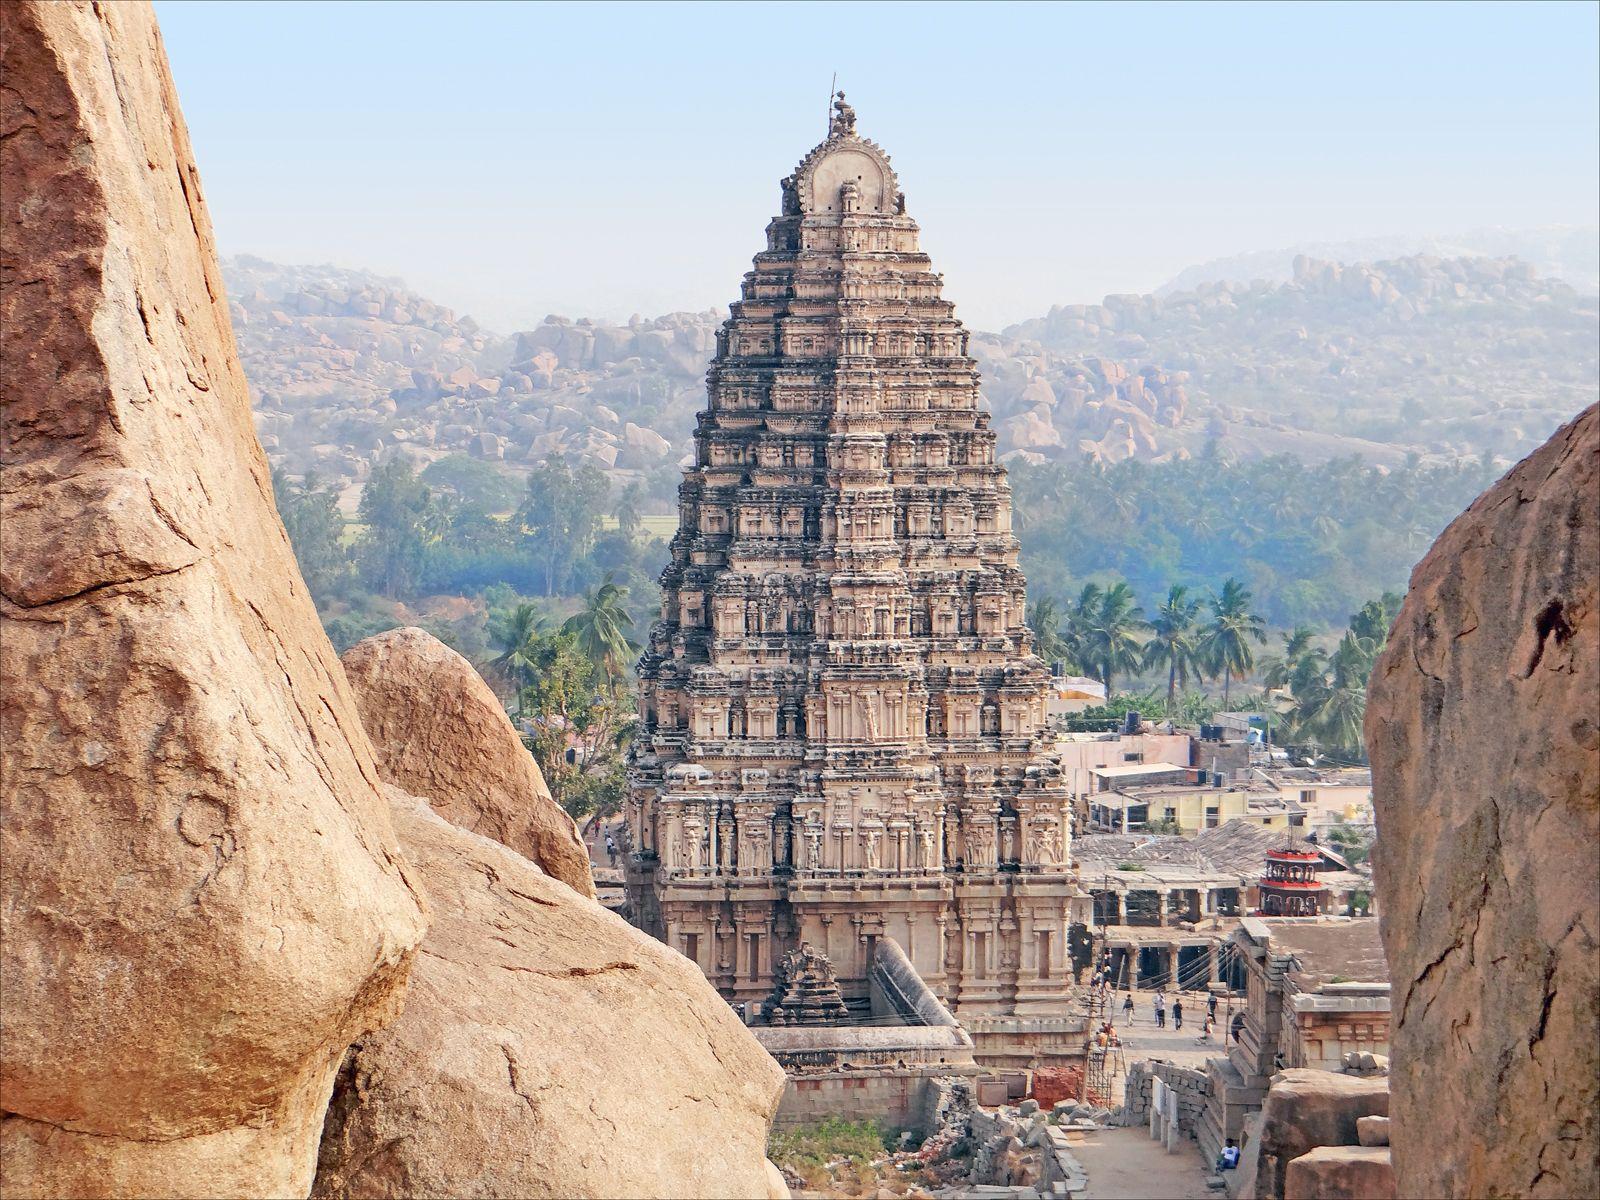 ciudades perdidas en la India Vijayanagar, Karnataka india